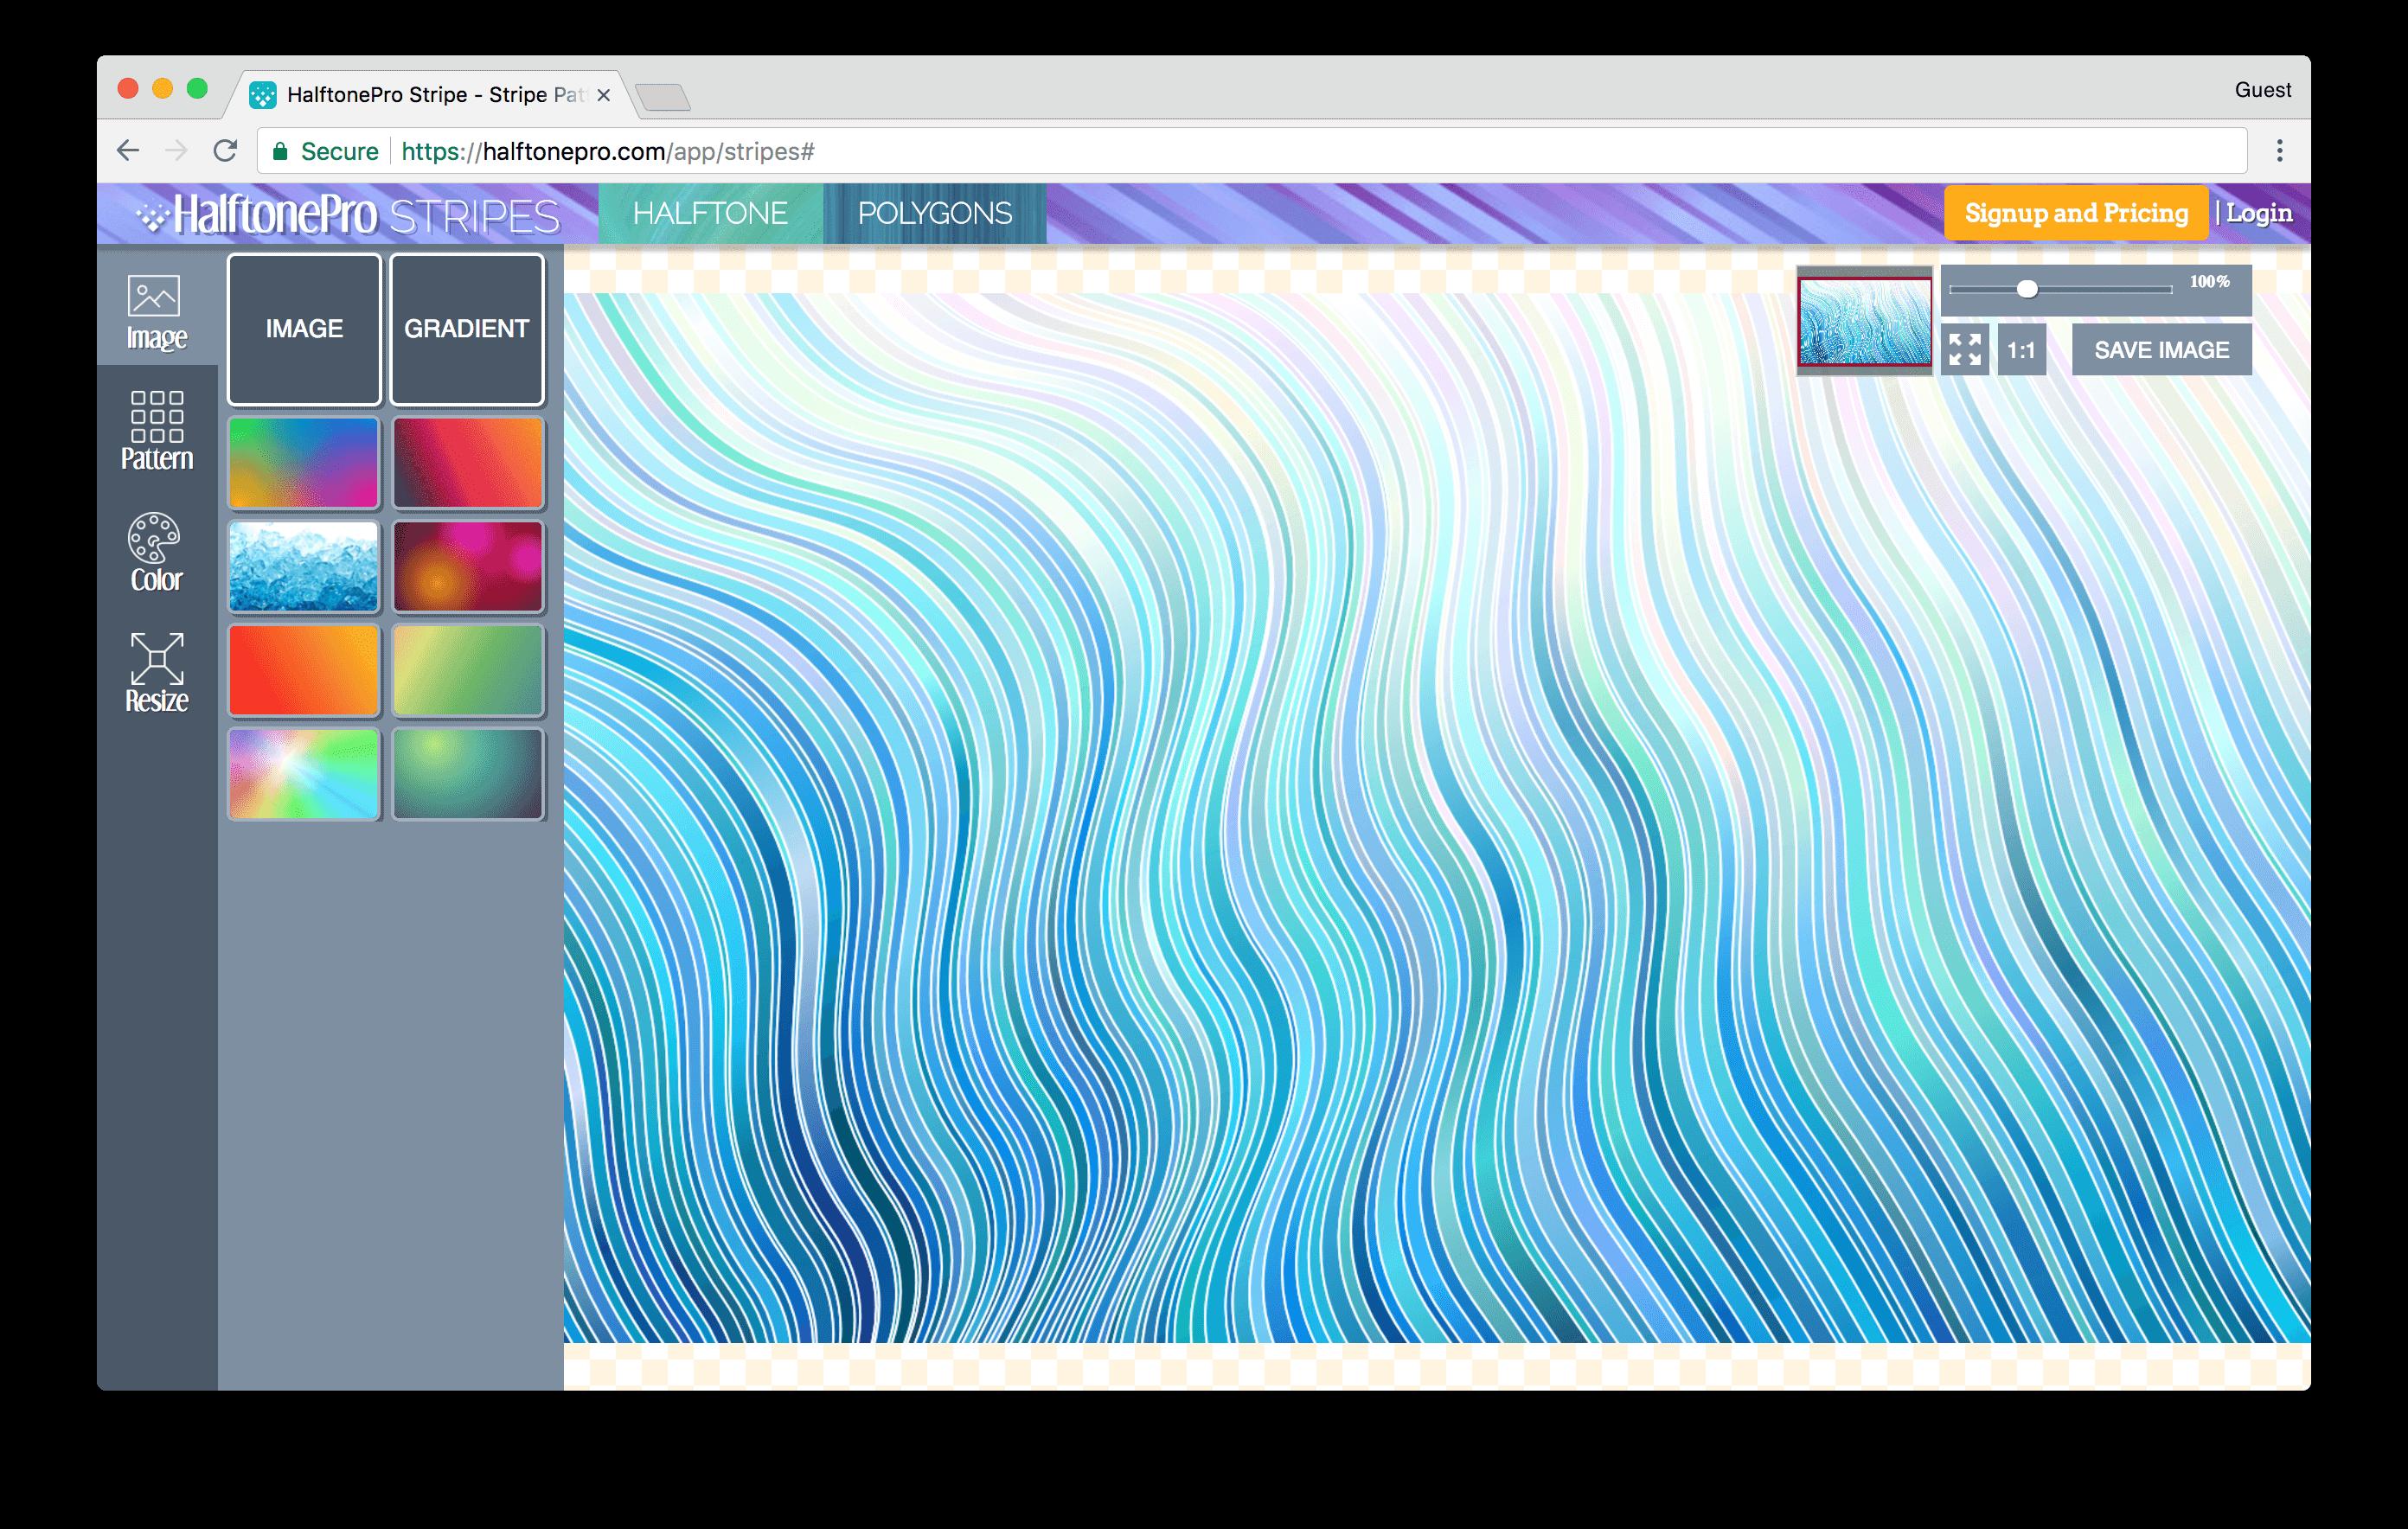 halftonepro.com/app/stripes